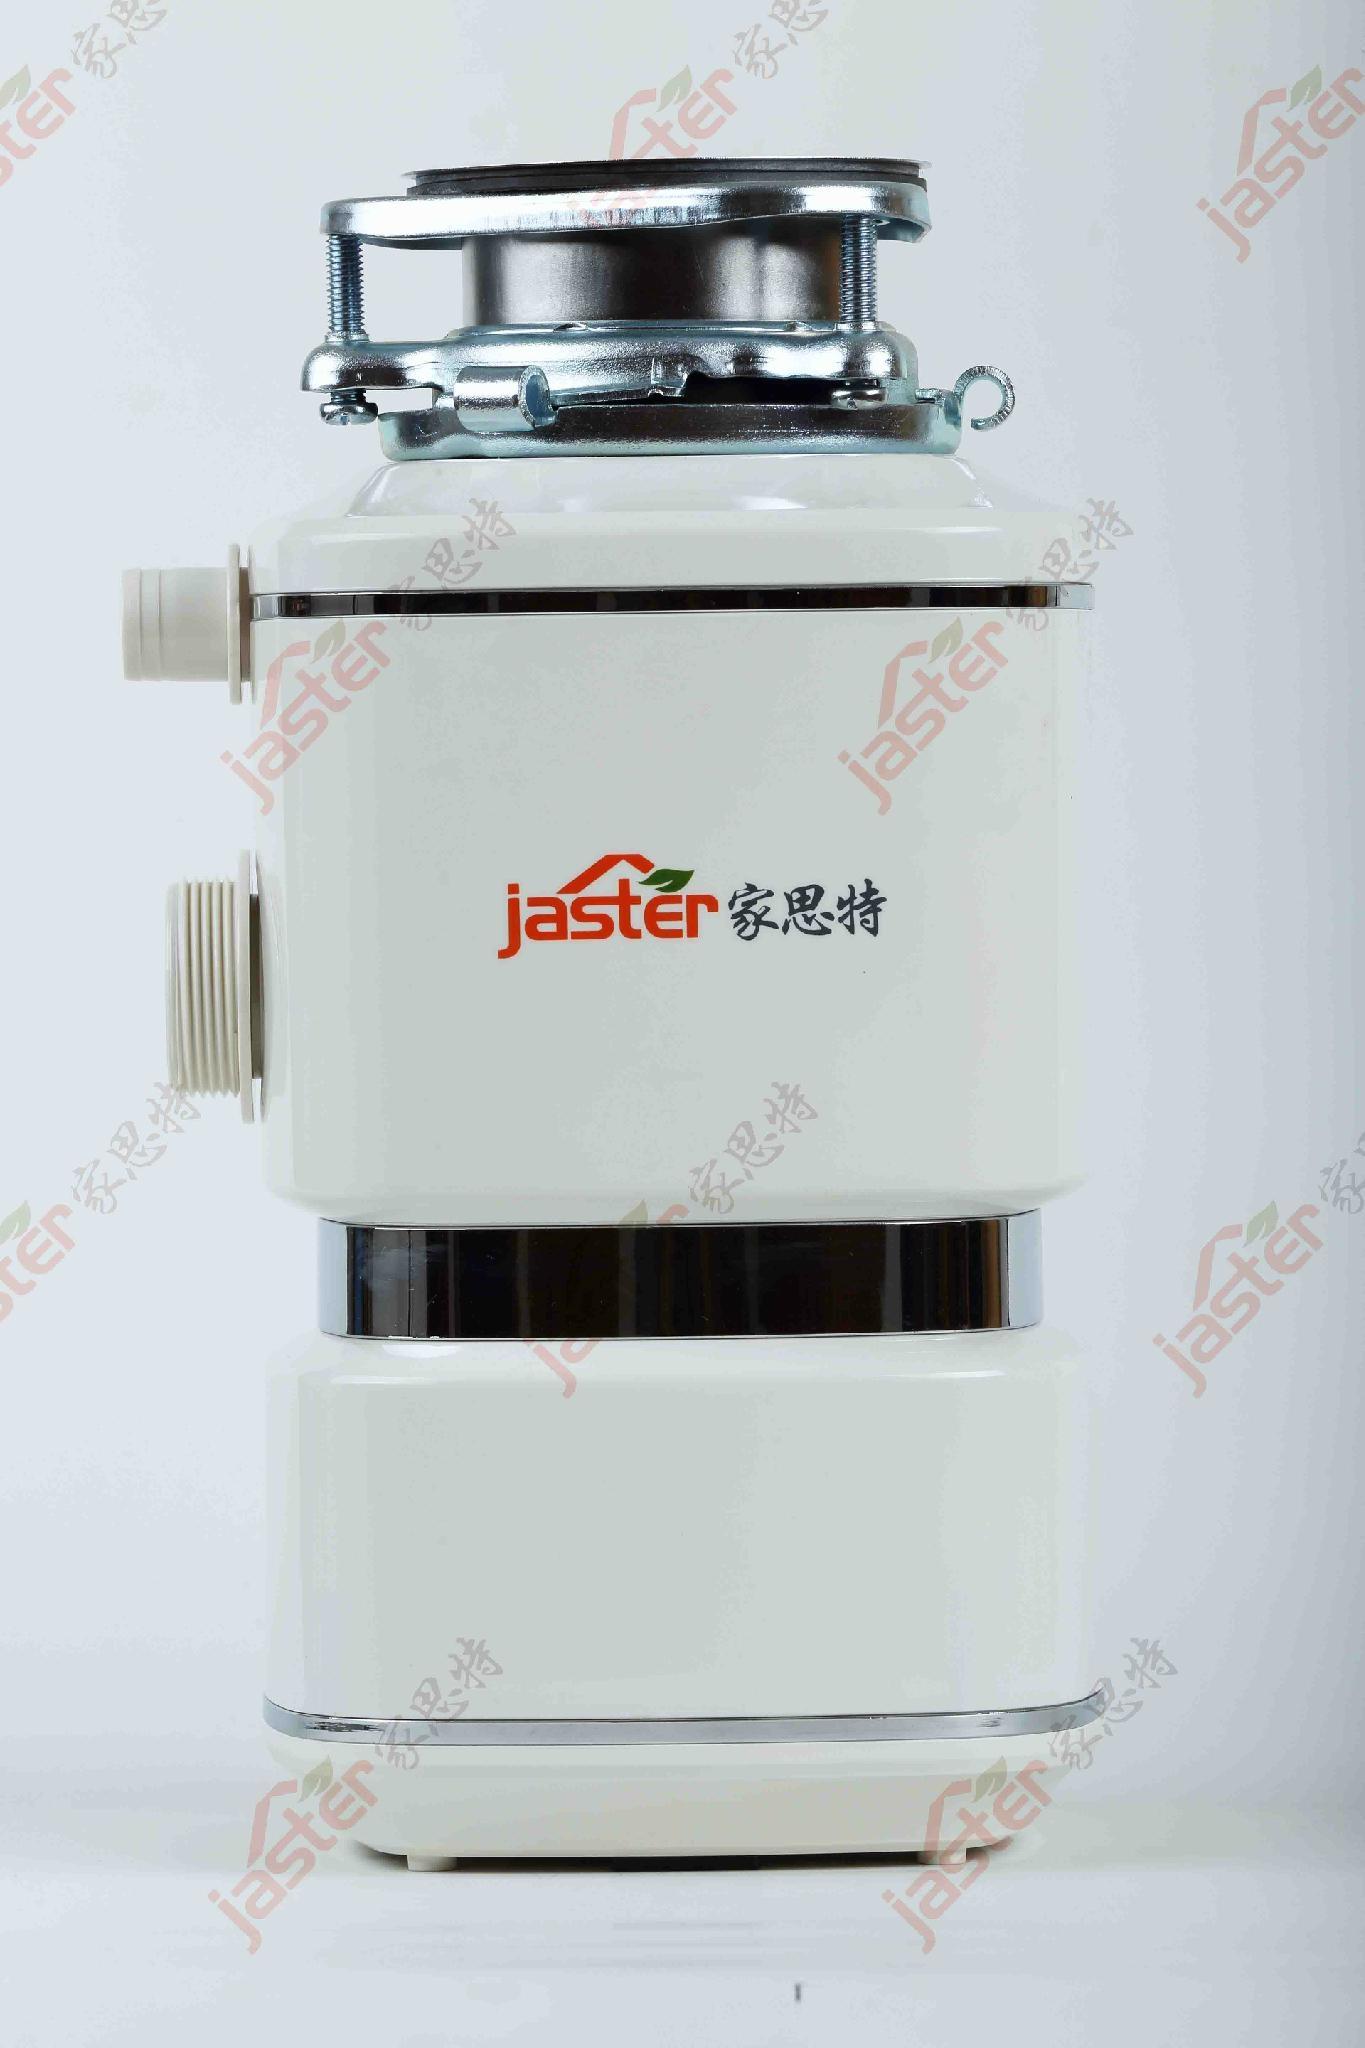 Jaster food waste disposer 1